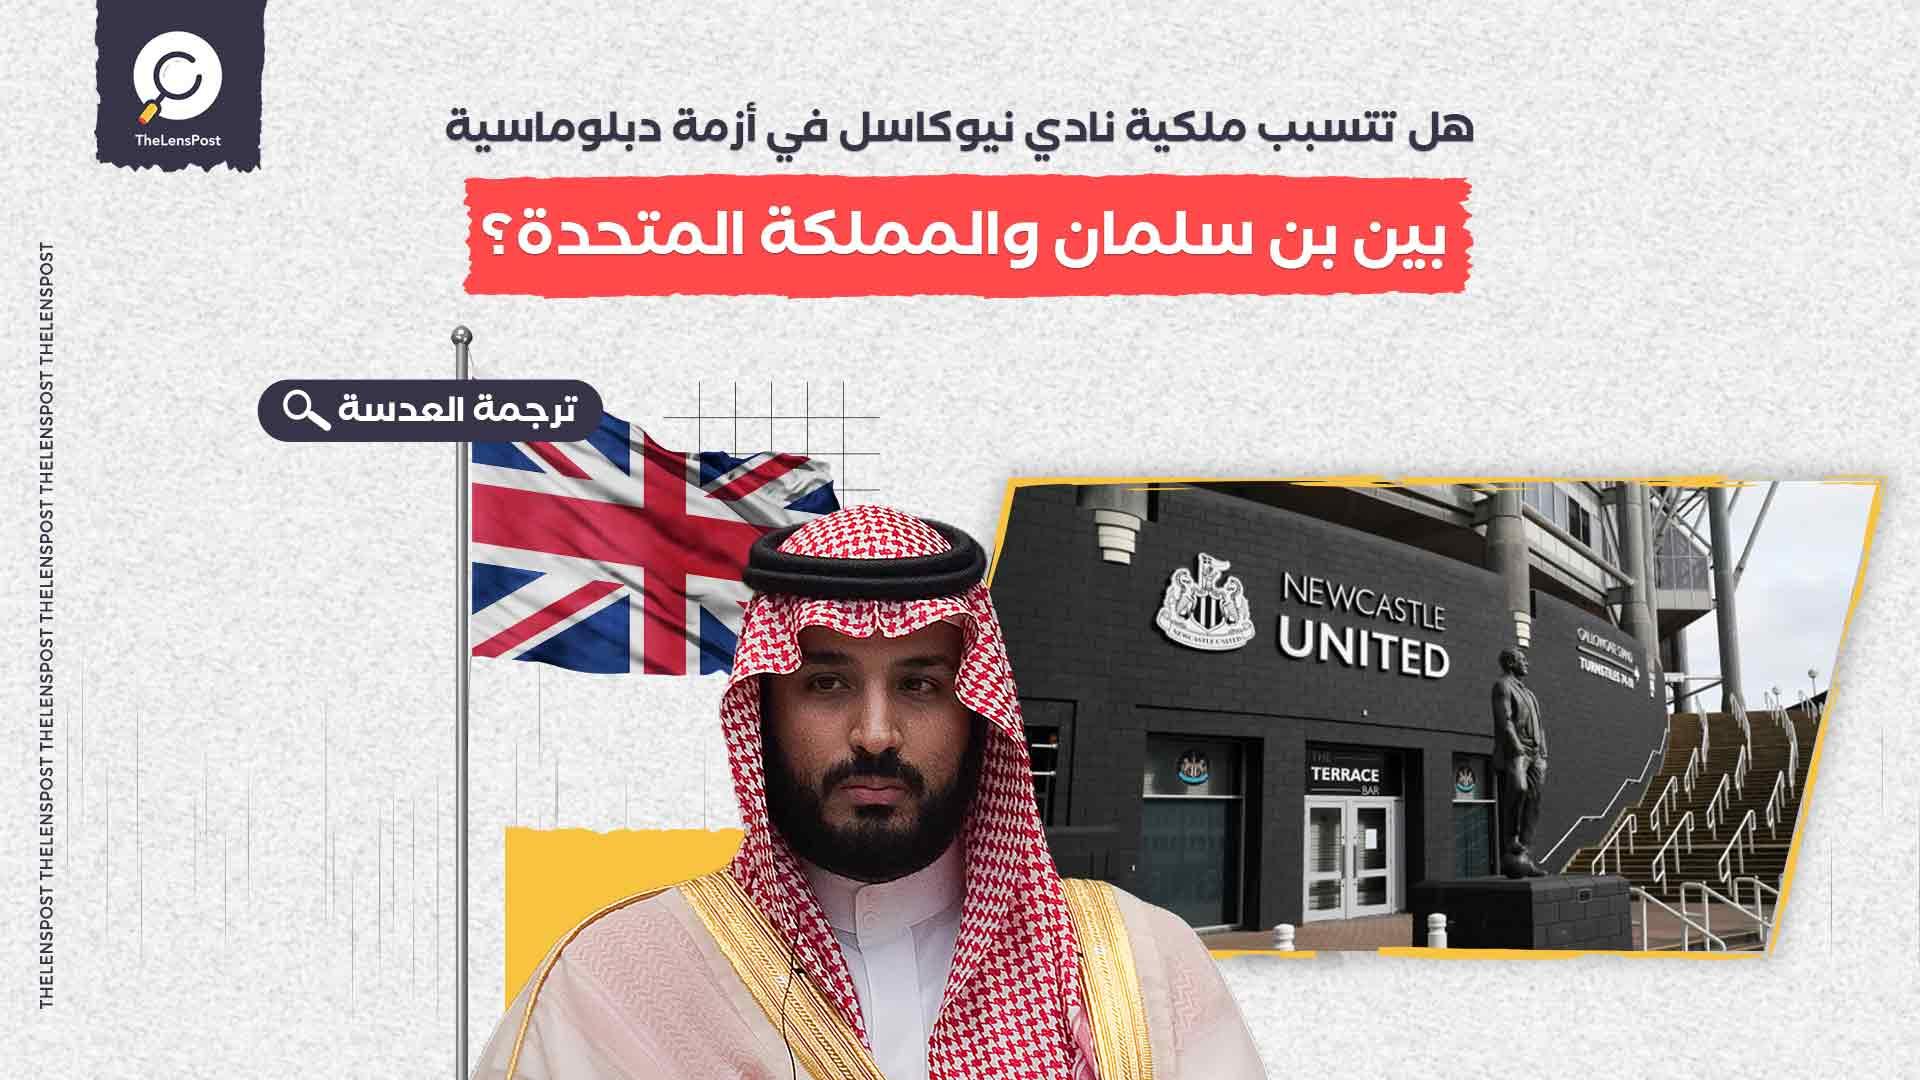 هل تتسبب ملكية نادي نيوكاسل في أزمة دبلوماسية بين بن سلمان والمملكة المتحدة؟